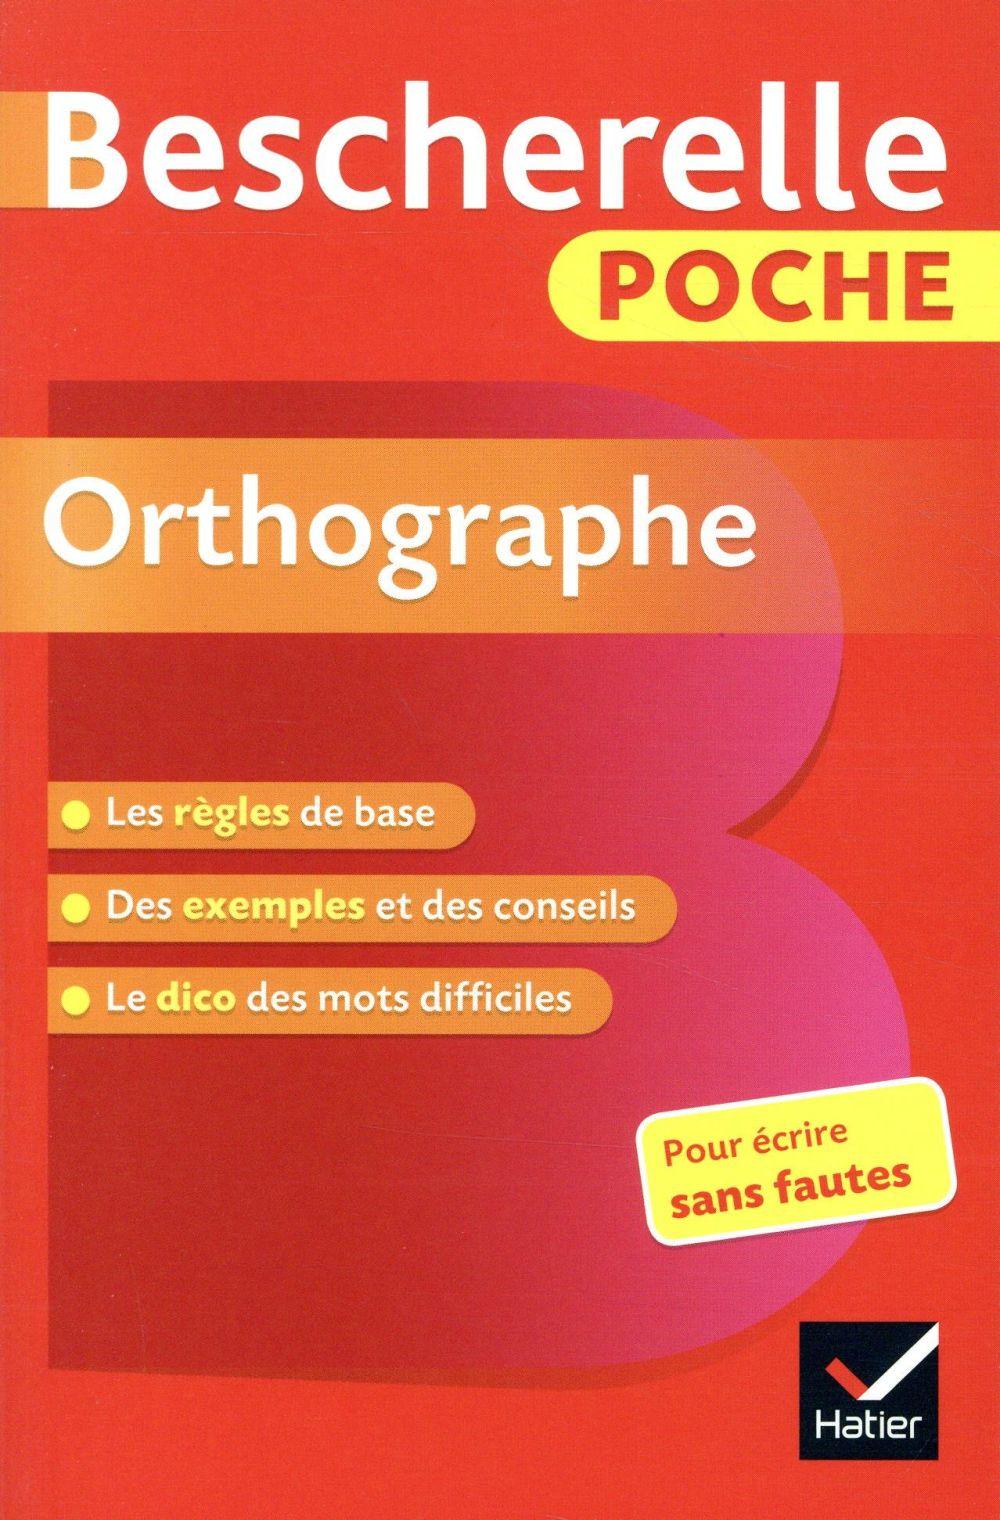 BESCHERELLE POCHE ORTHOGRAPHE - L'ESSENTIEL DE L'ORTHOGRAPHE FRANCAISE